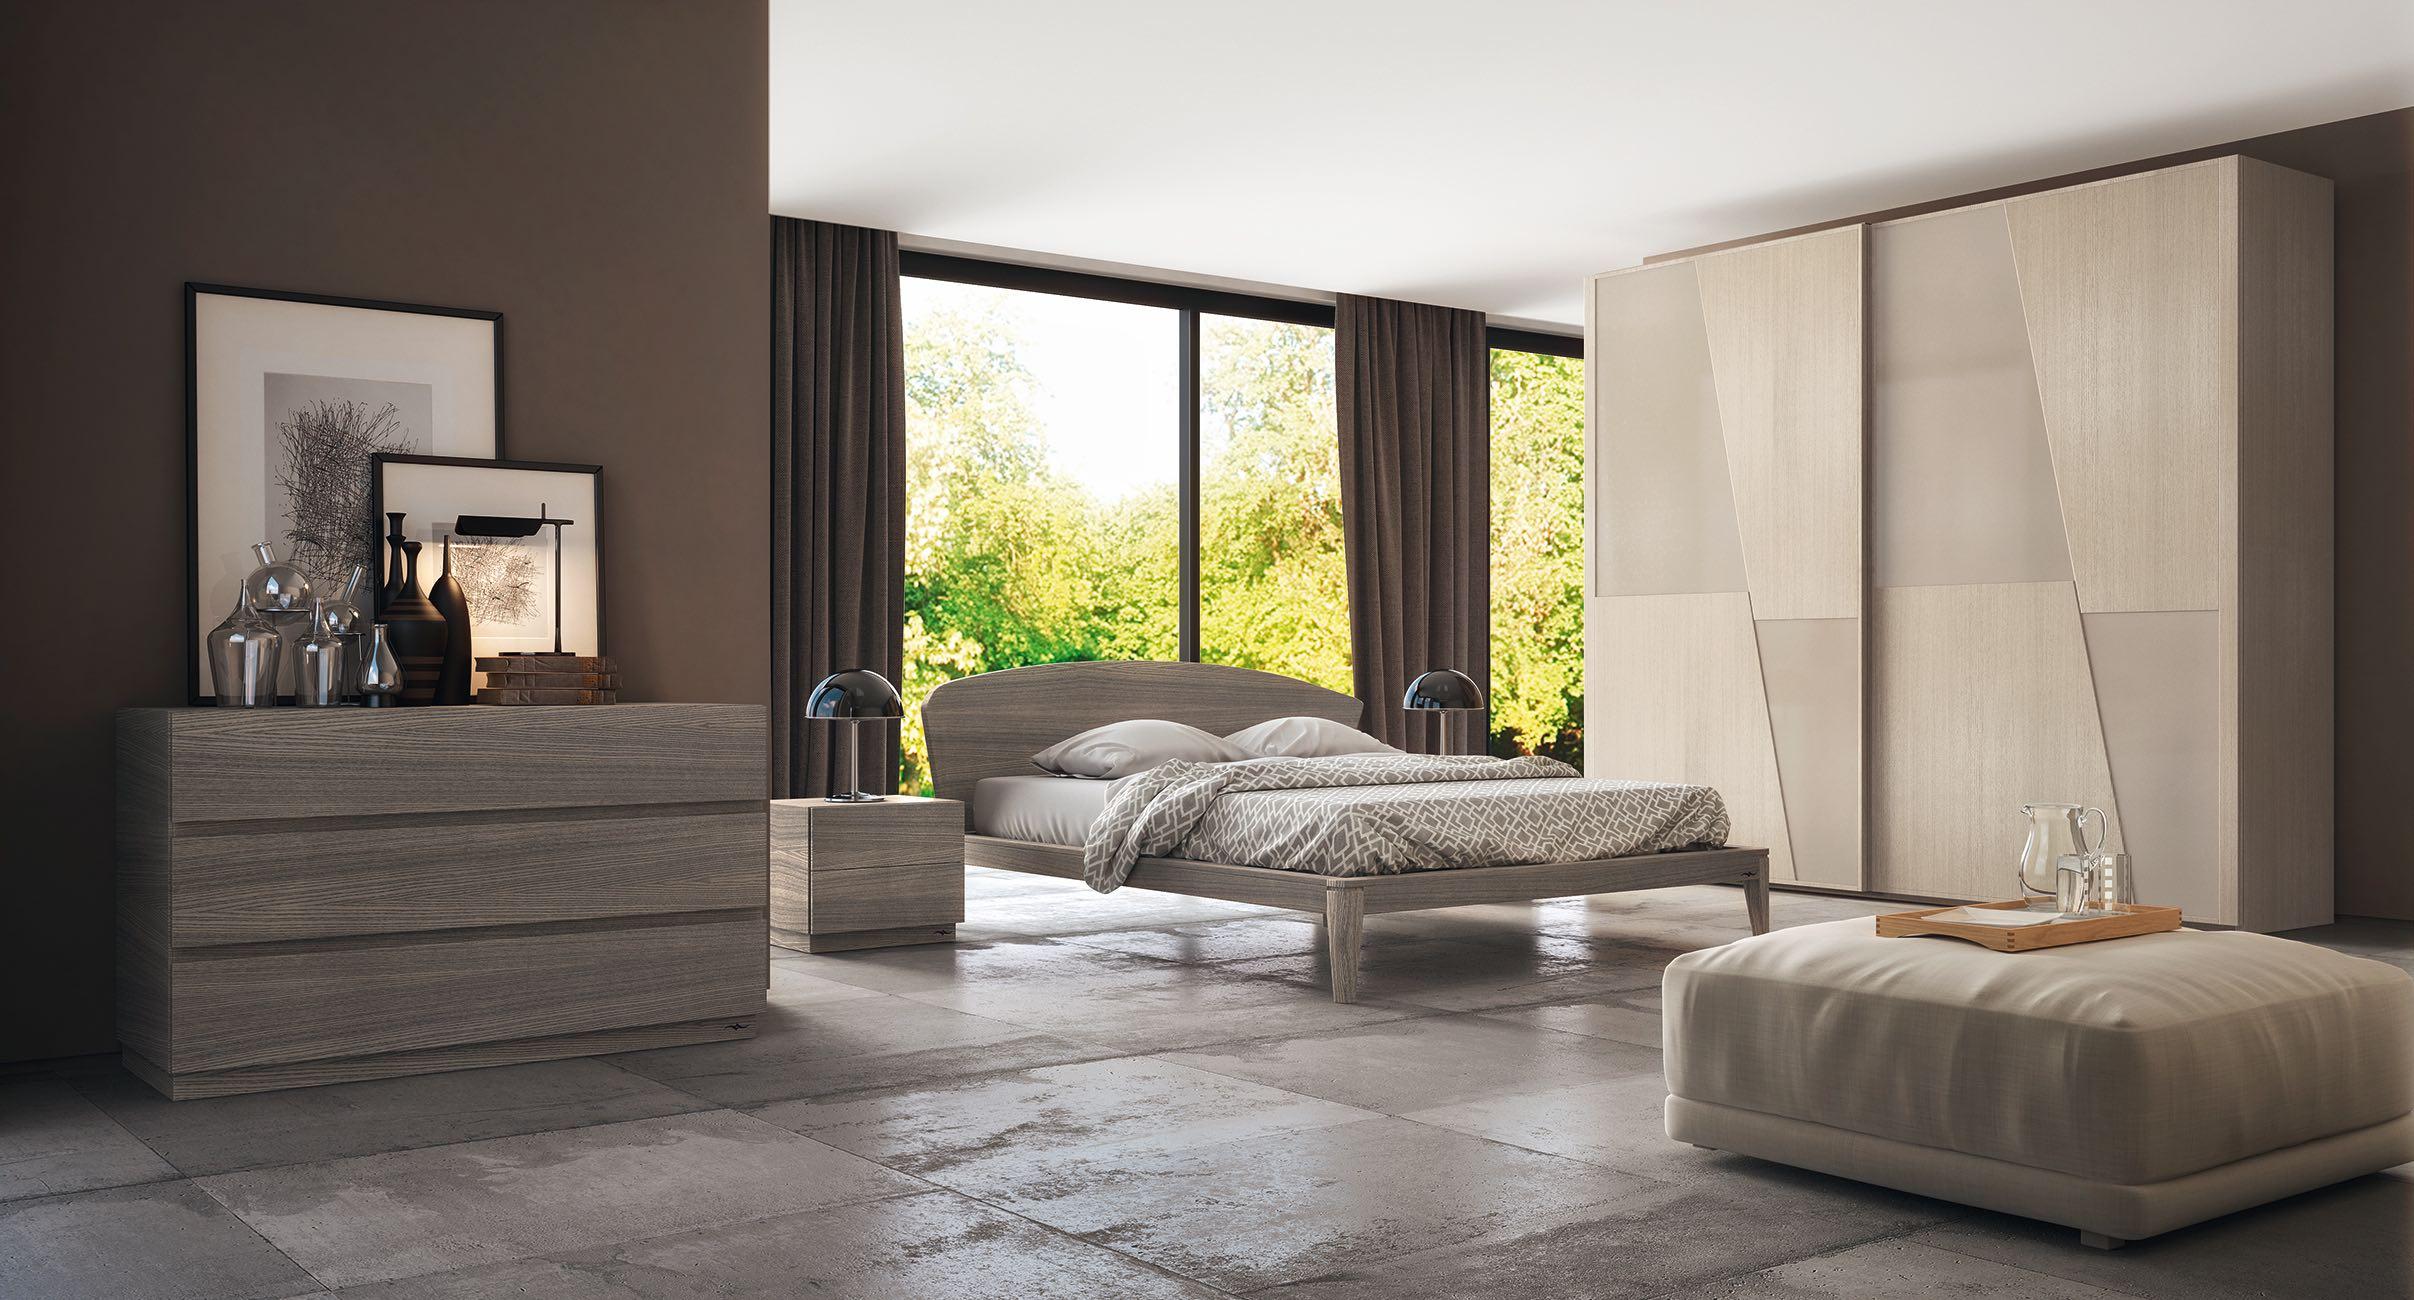 Casa dolce profumo di casa casa di stile for Camera da letto del soffitto della cattedrale